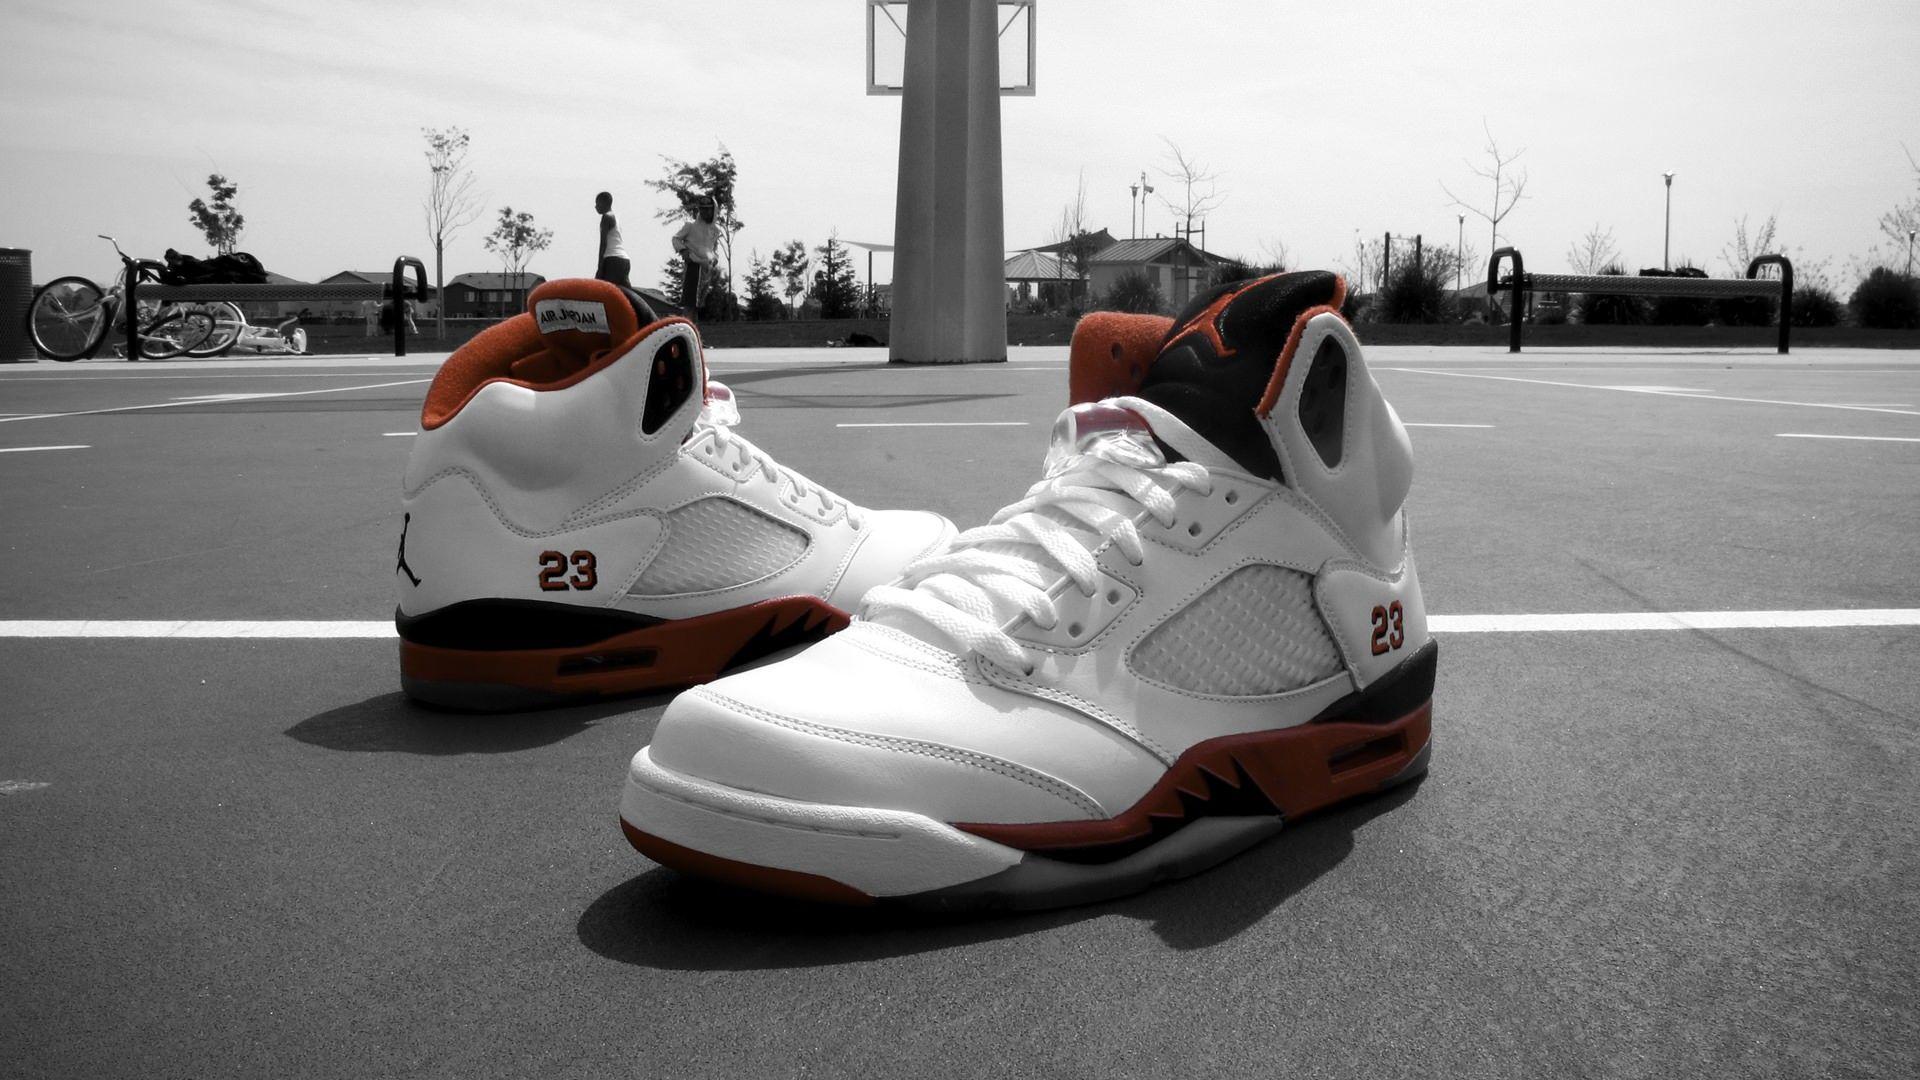 Download Free Air Jordan Shoes Wallpapers